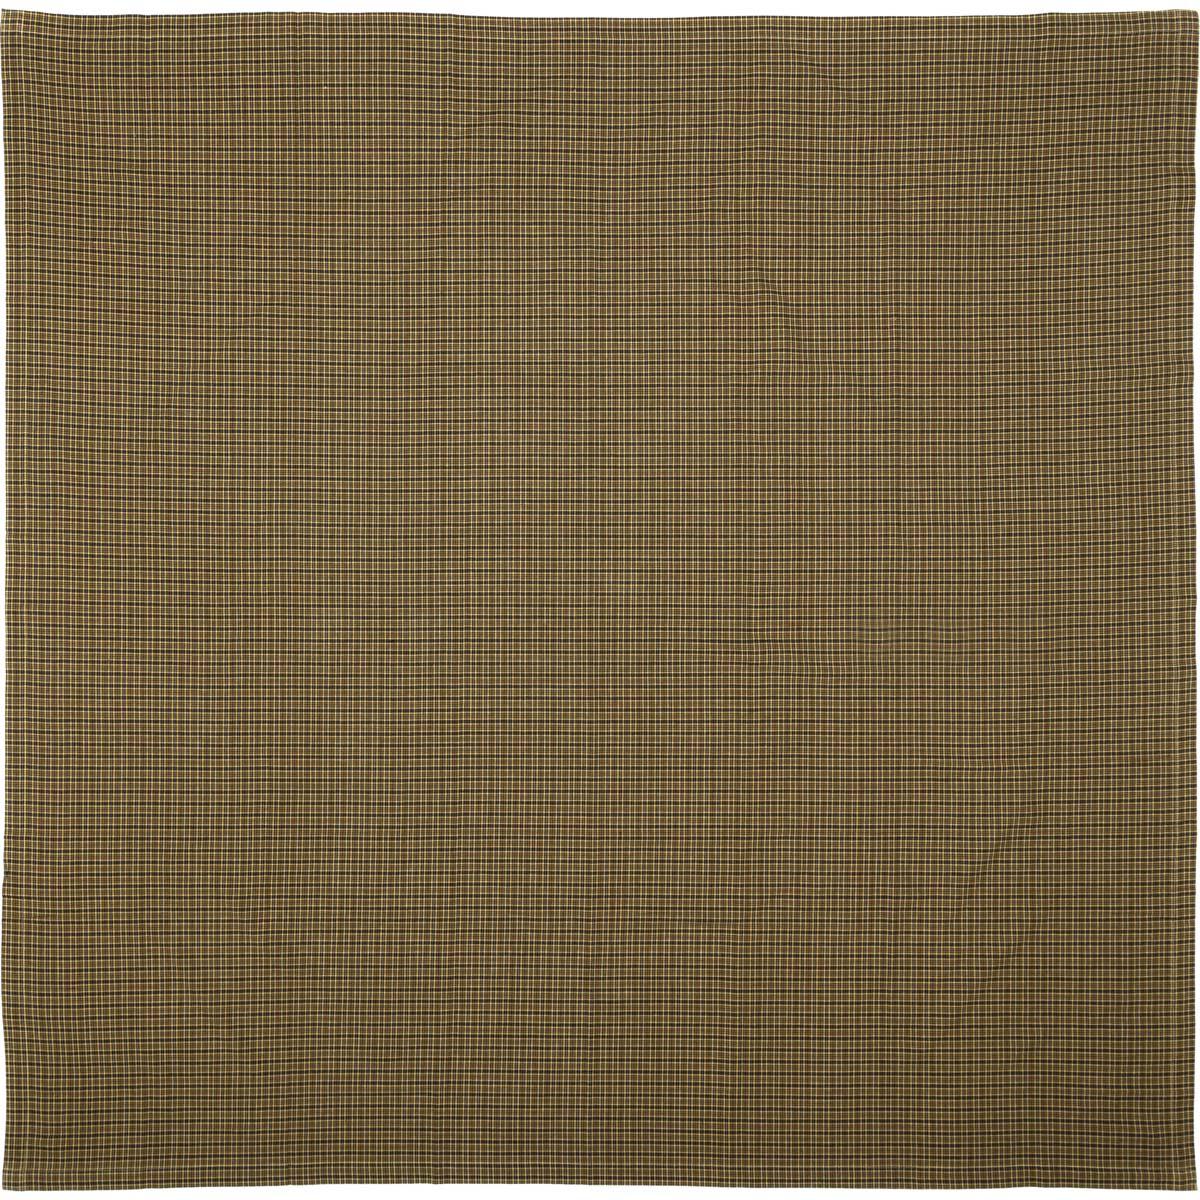 Tea Cabin Green Plaid Table Cloth 60x60